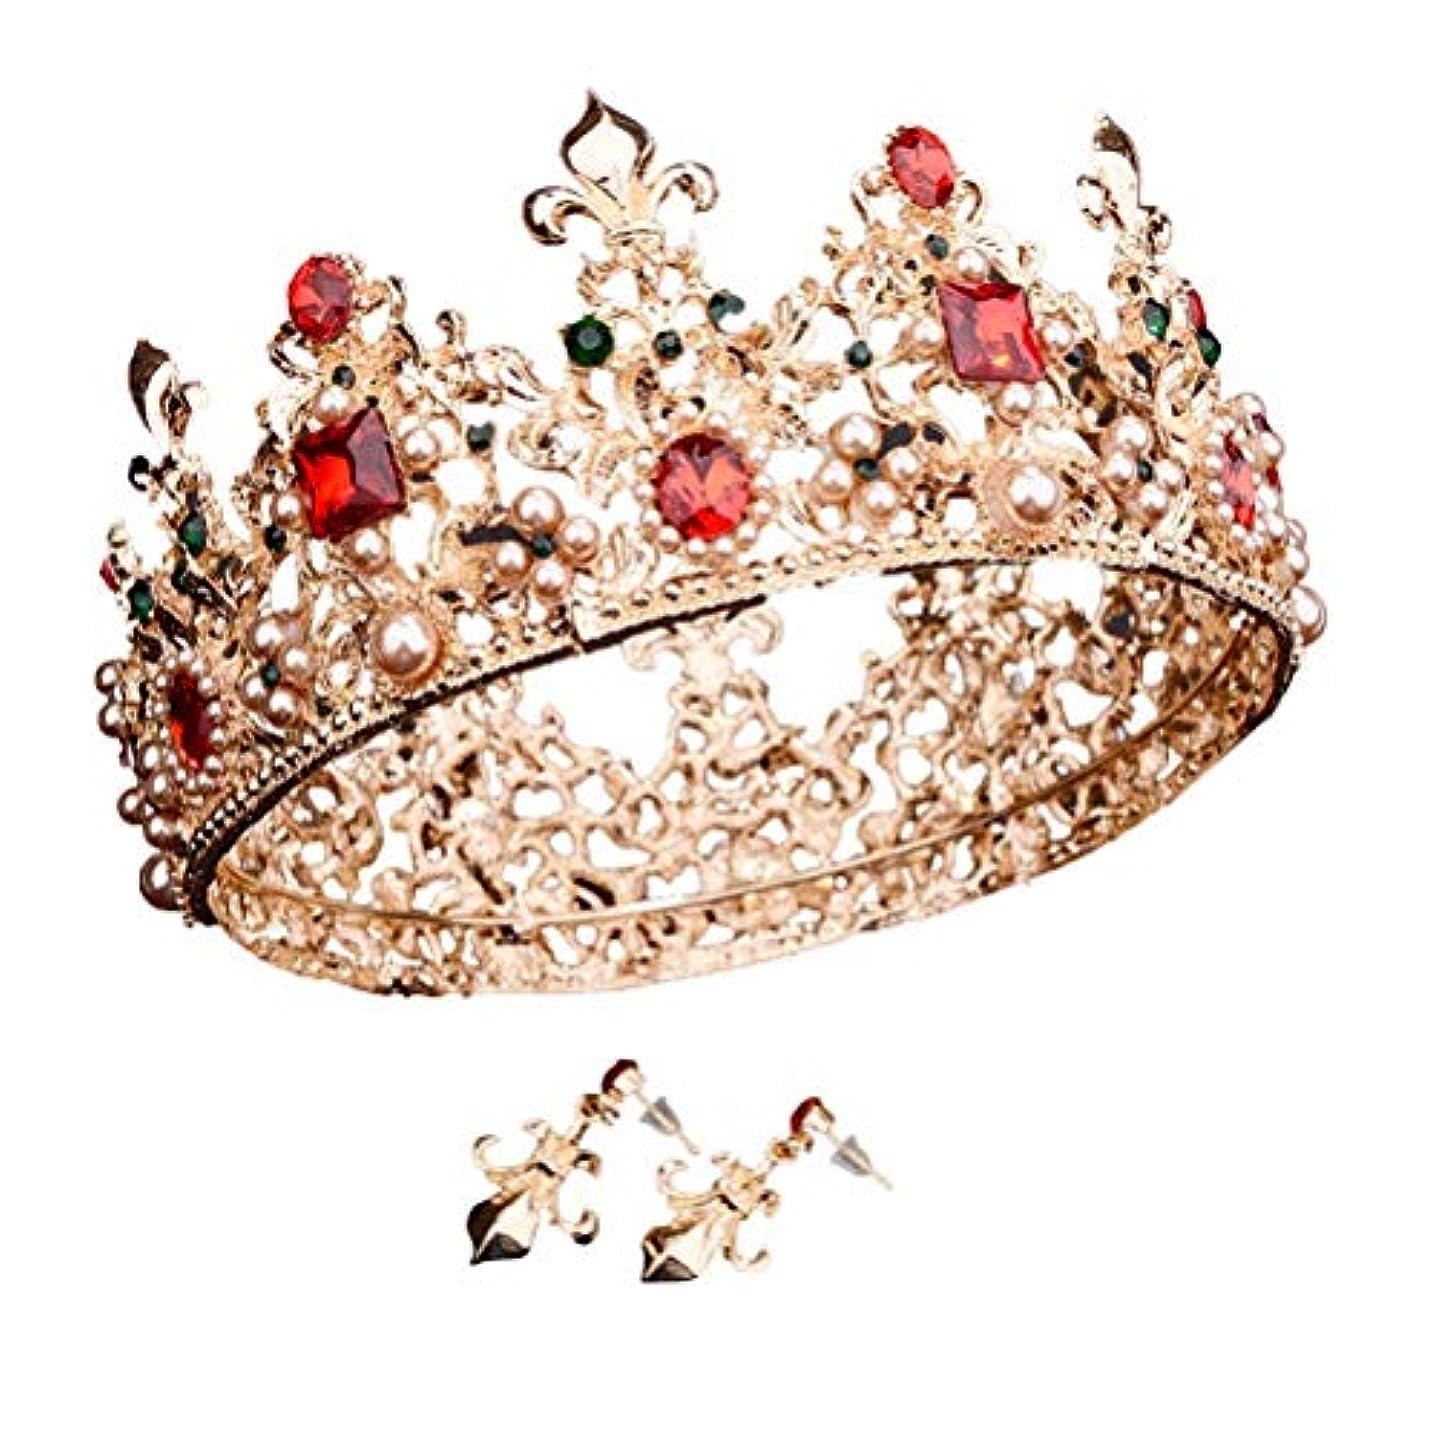 結婚するペック器具Beaupretty 女性のためのバロック女王クラウンラインストーンの結婚式の冠とティアライヤリング付きヘアアクセサリー結婚式のかぶと